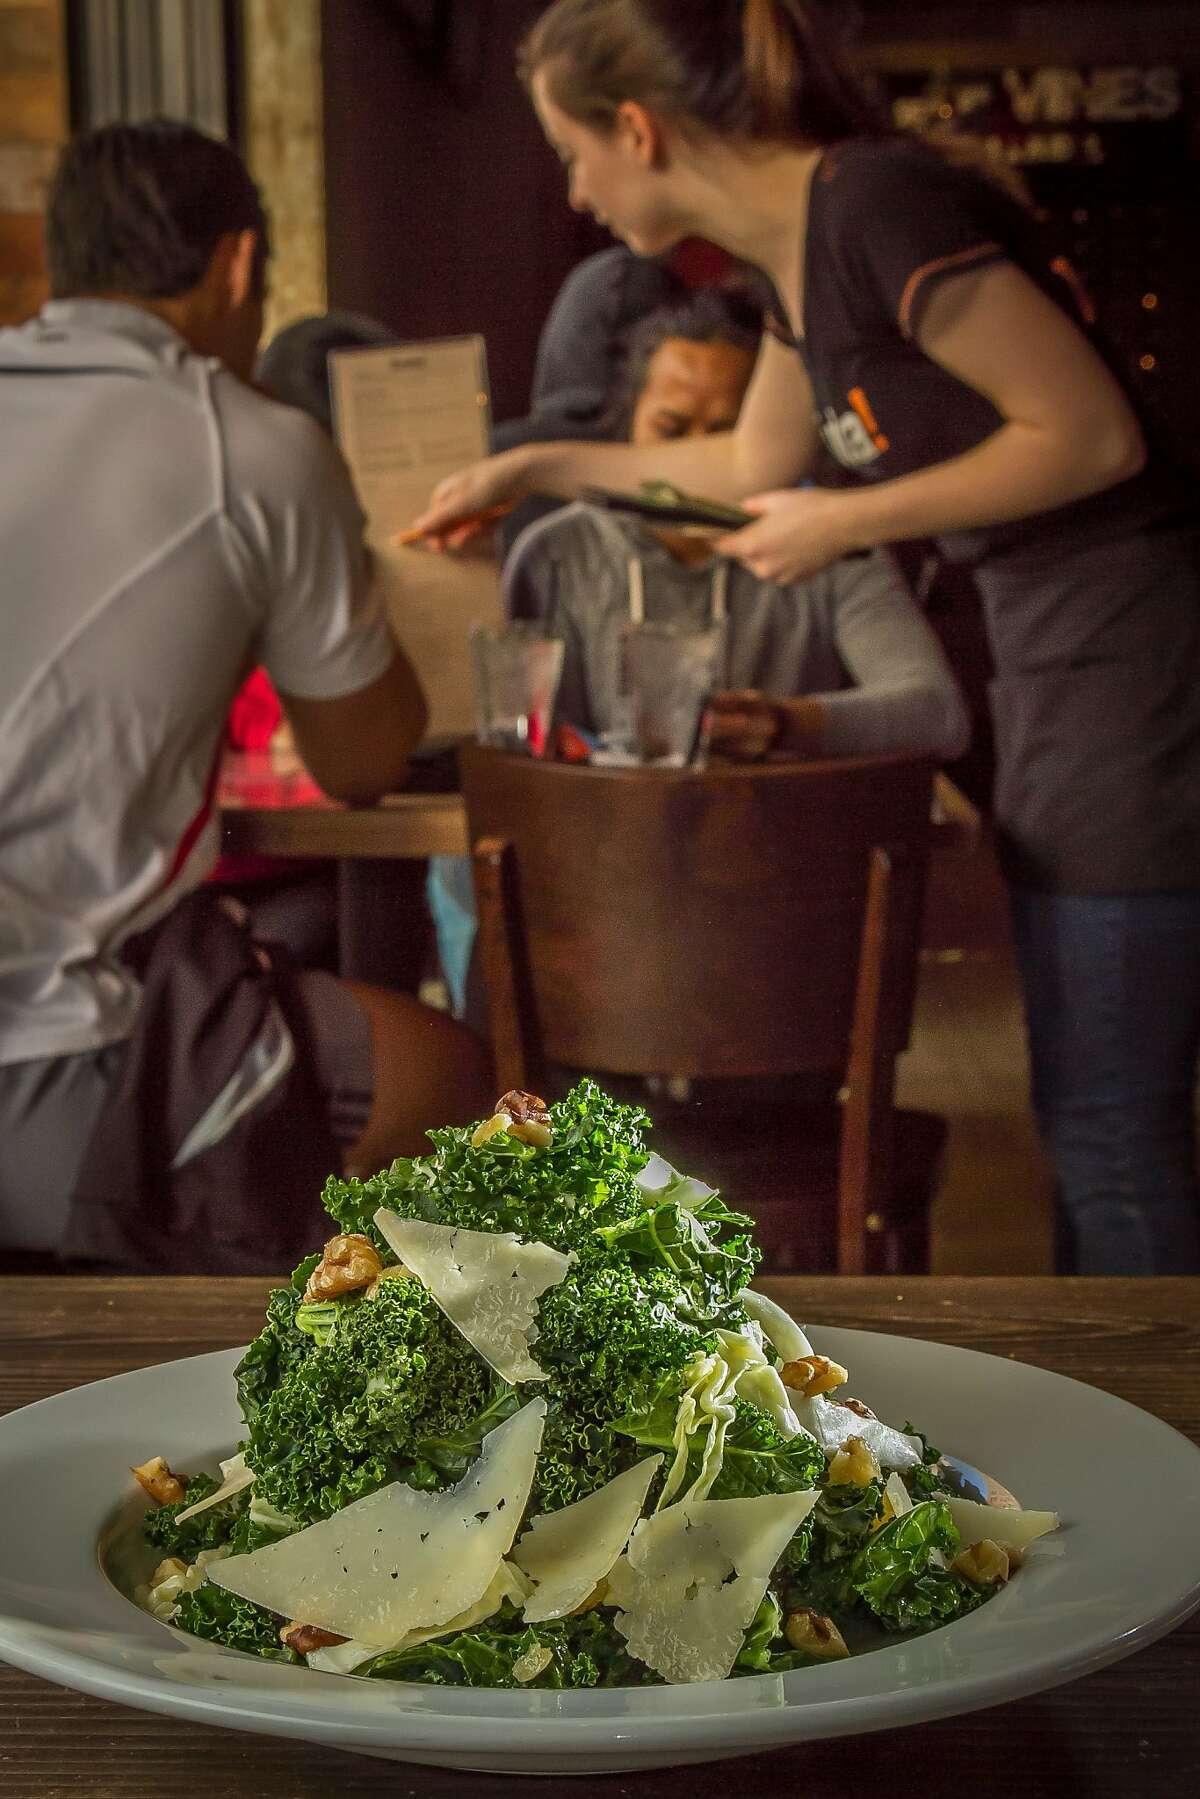 The Santa Barbara Kale Salad at Eureka restaurant in Berkeley, Calif.